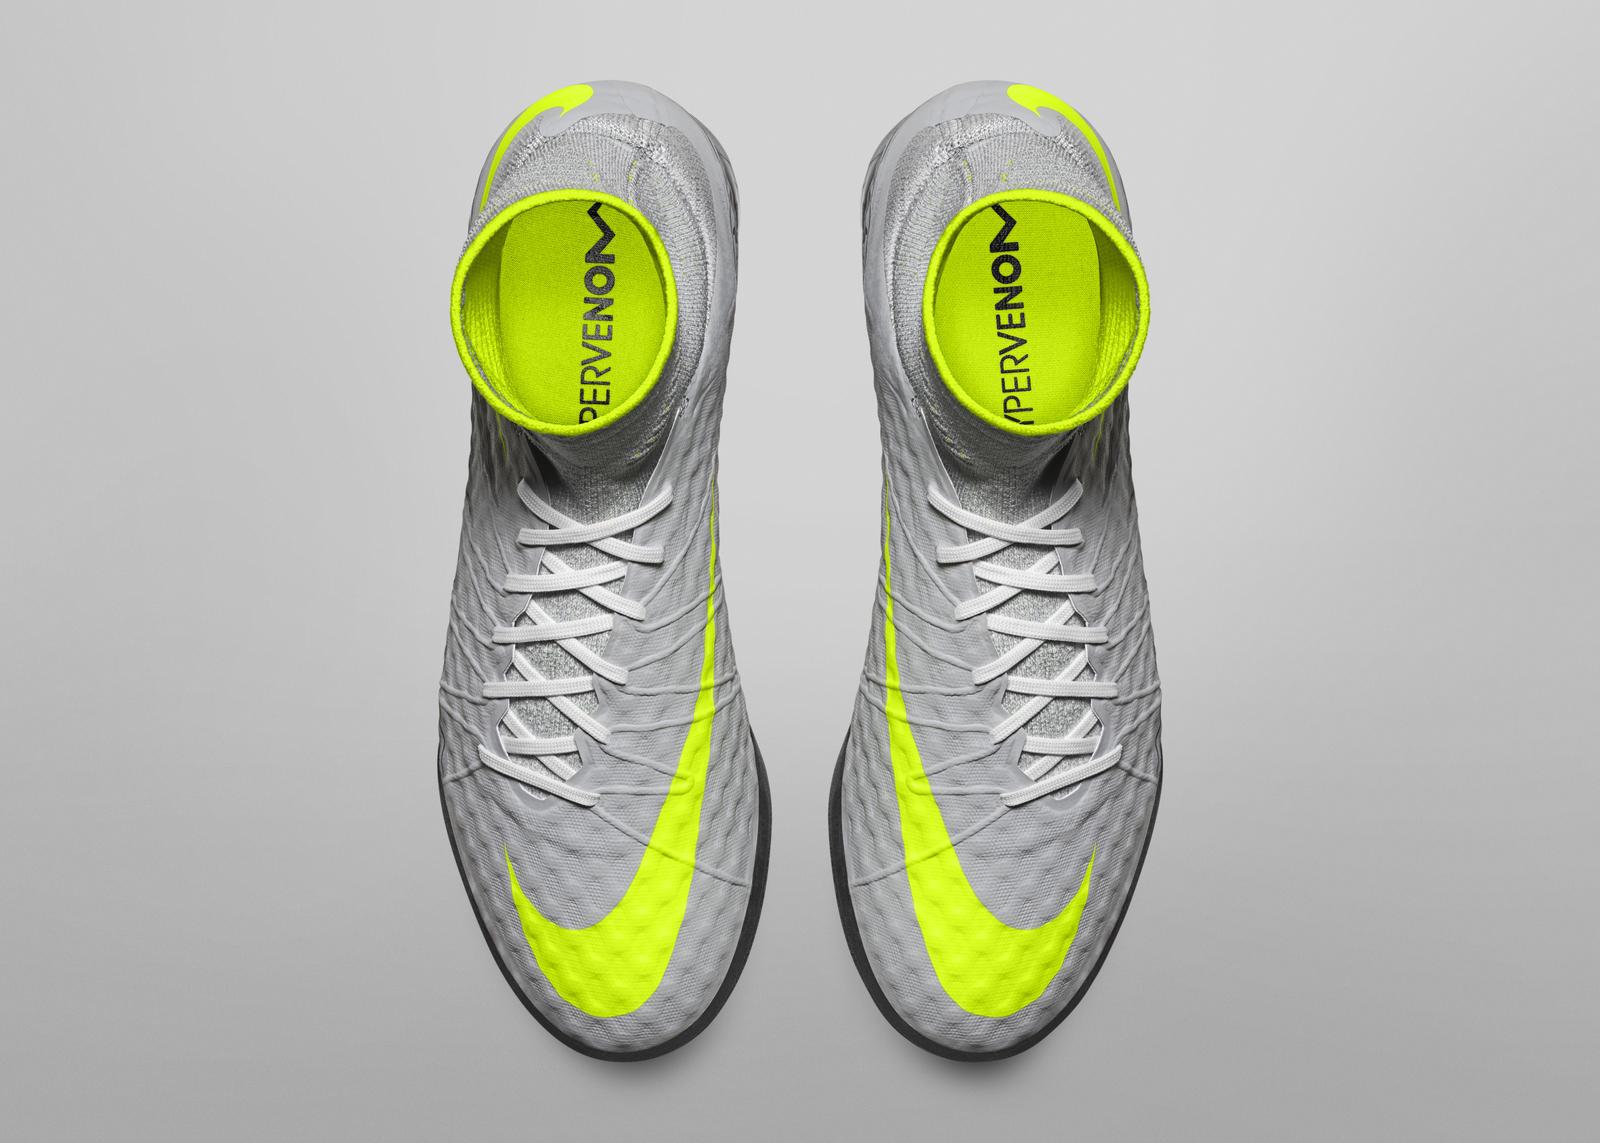 Nike Heritage Pack HypervenomX